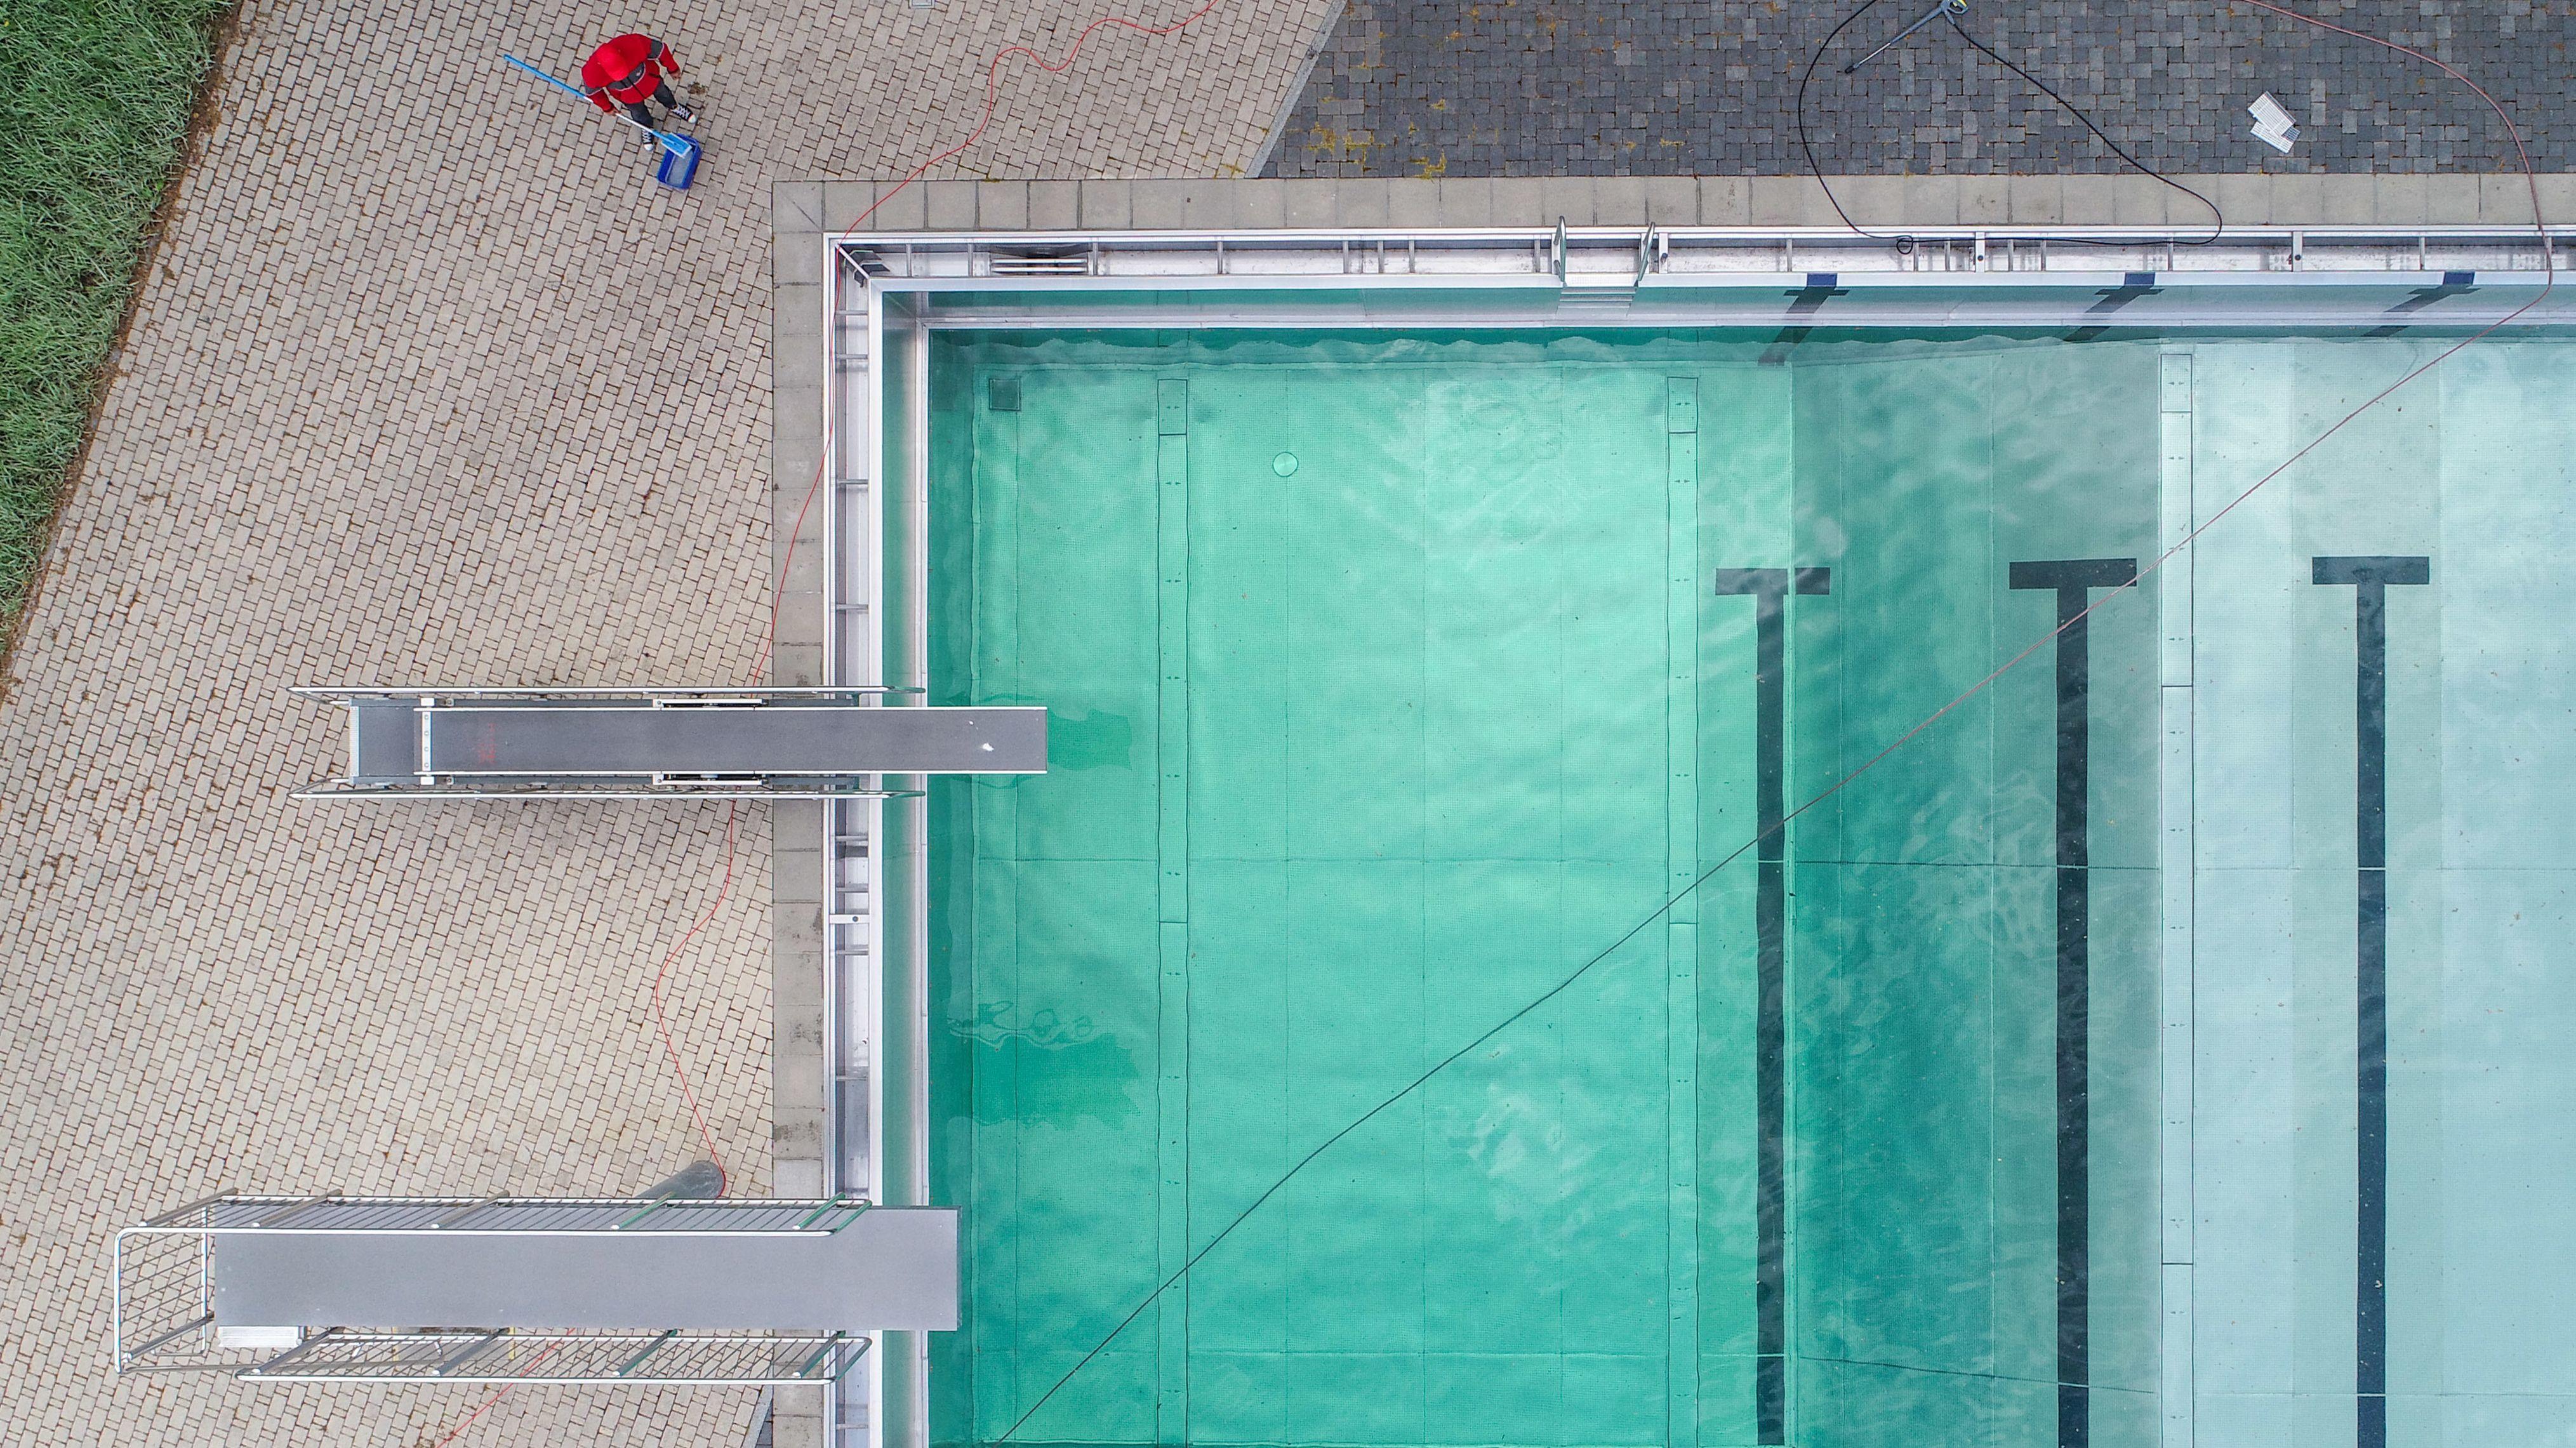 Freibad von oben